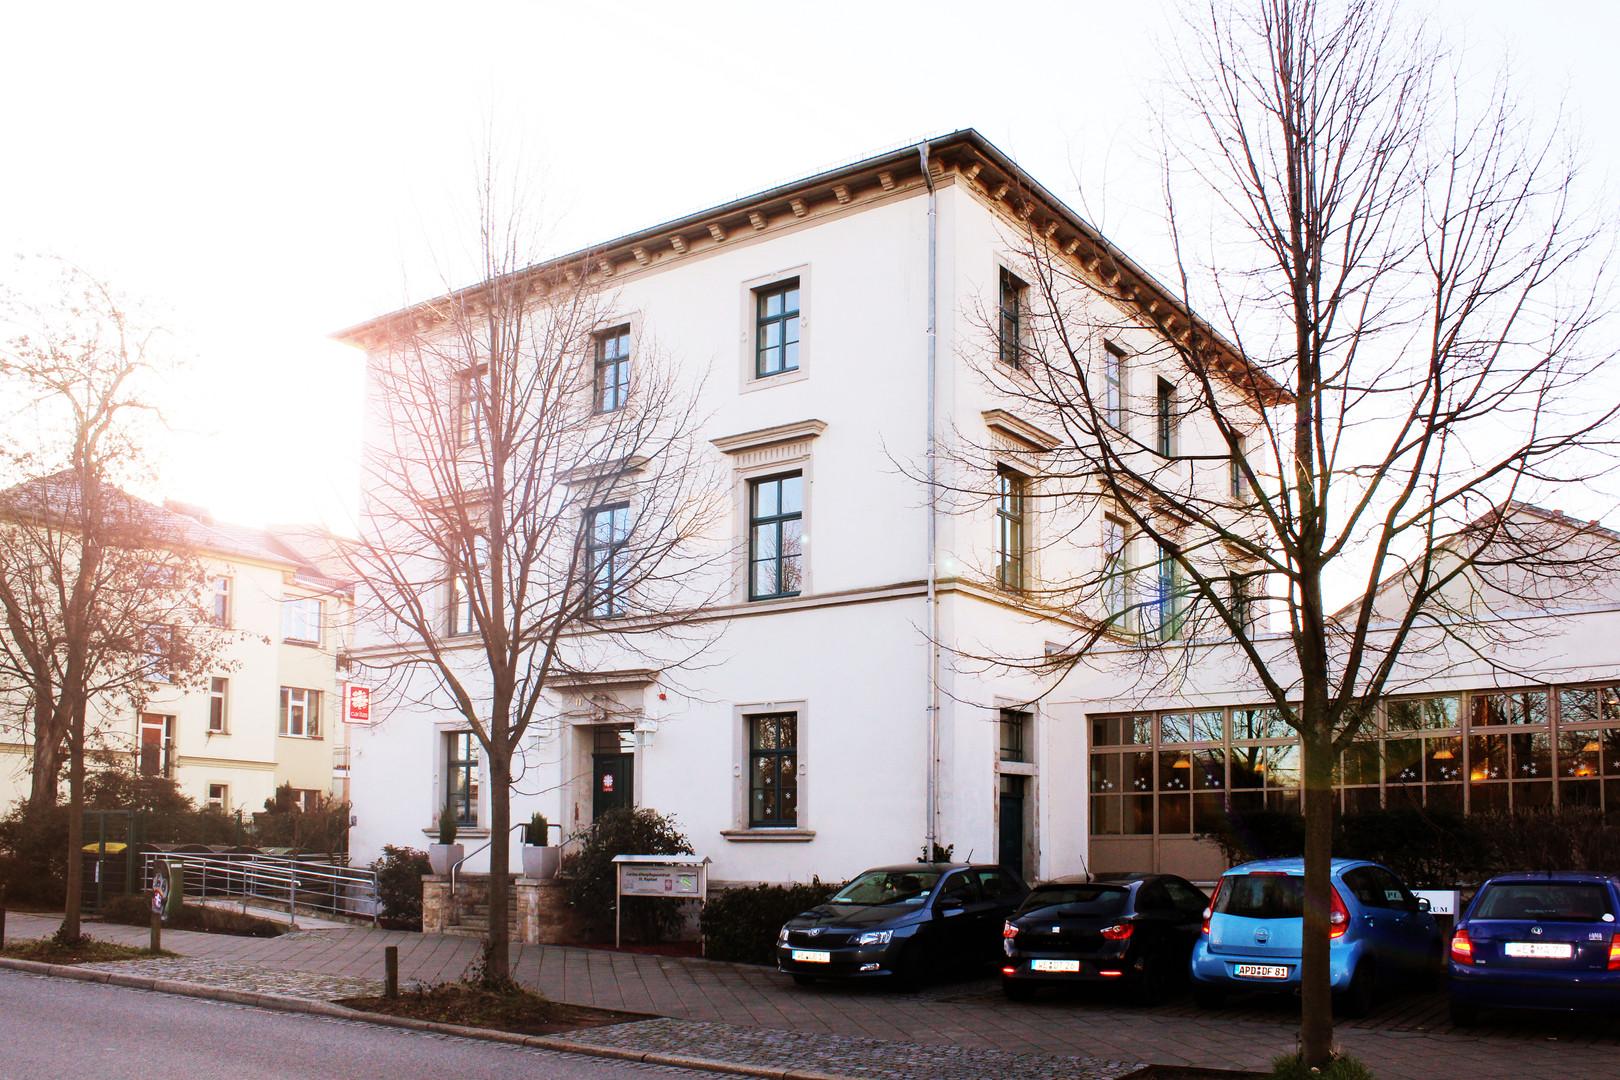 Altenpflegeheim St Raphael Weimar Fassade fca GmbH